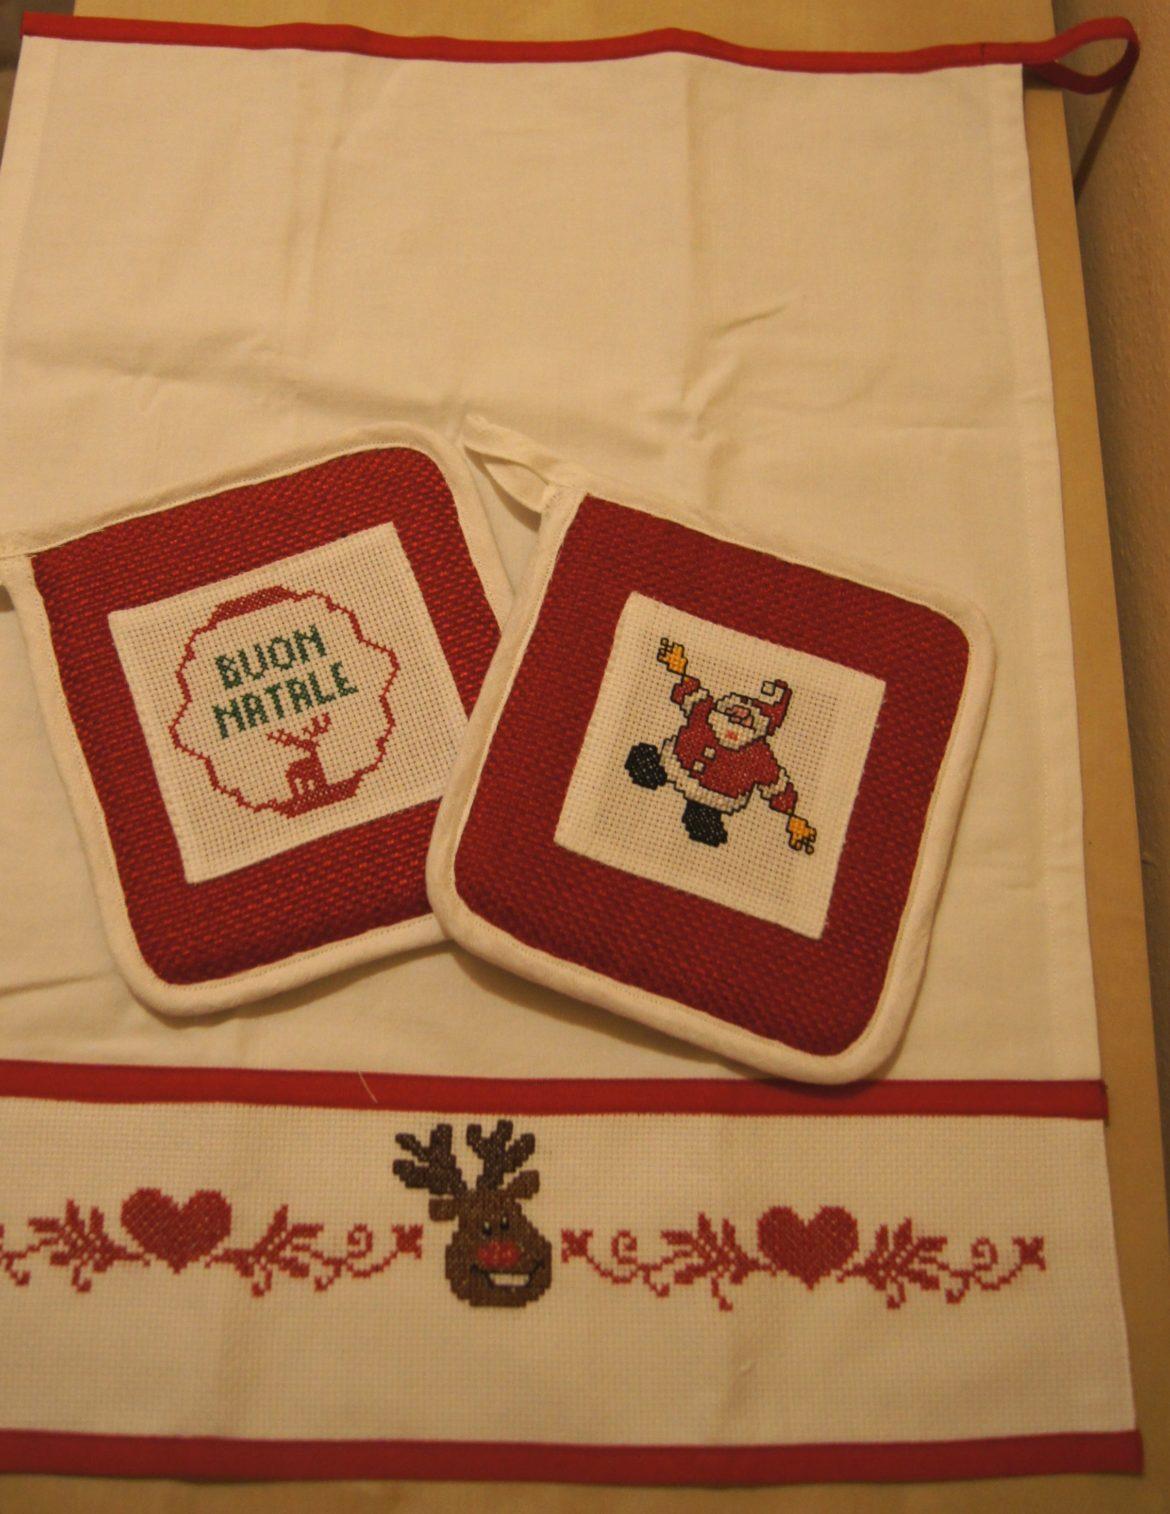 Idee Regalo Natale Cognata.Regali Natale Archivi L Agenda Di Marty